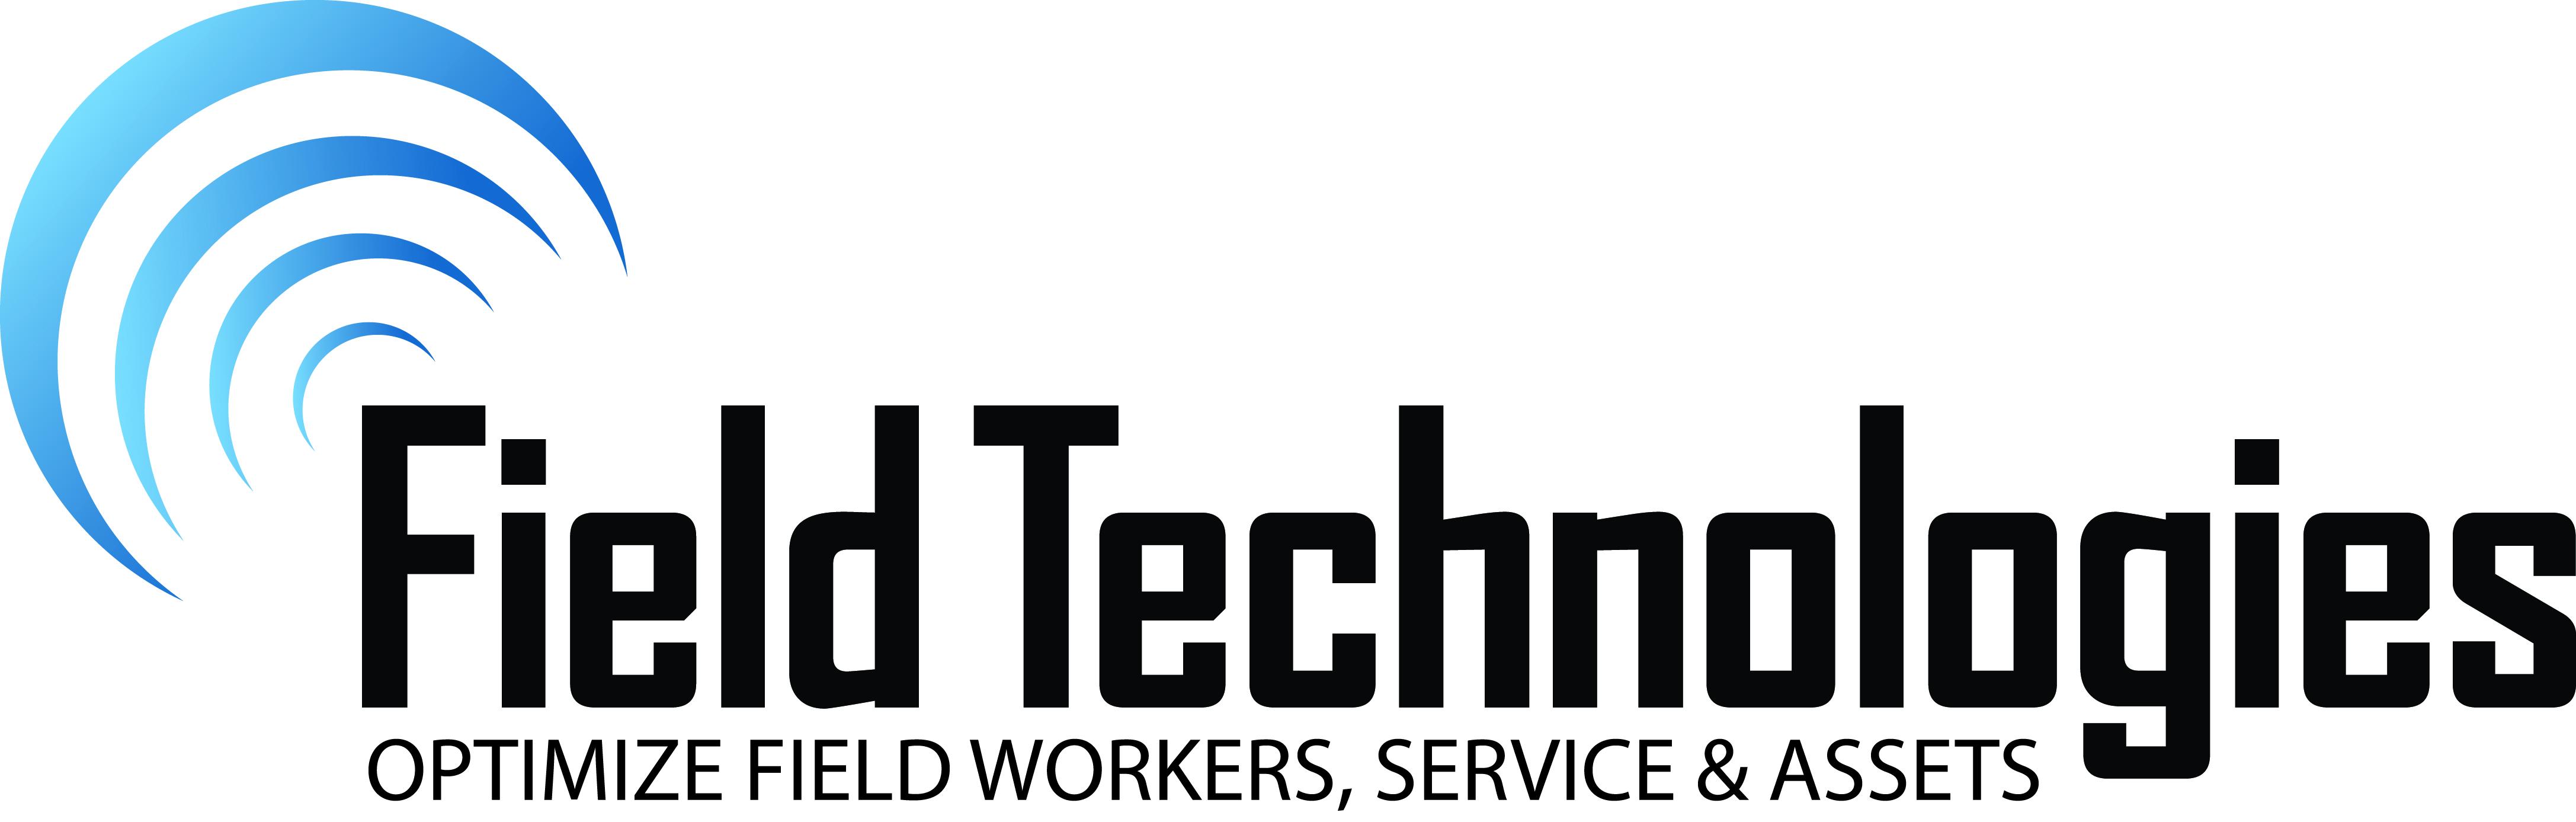 Field-Technologies_logo_DG_w_tagline